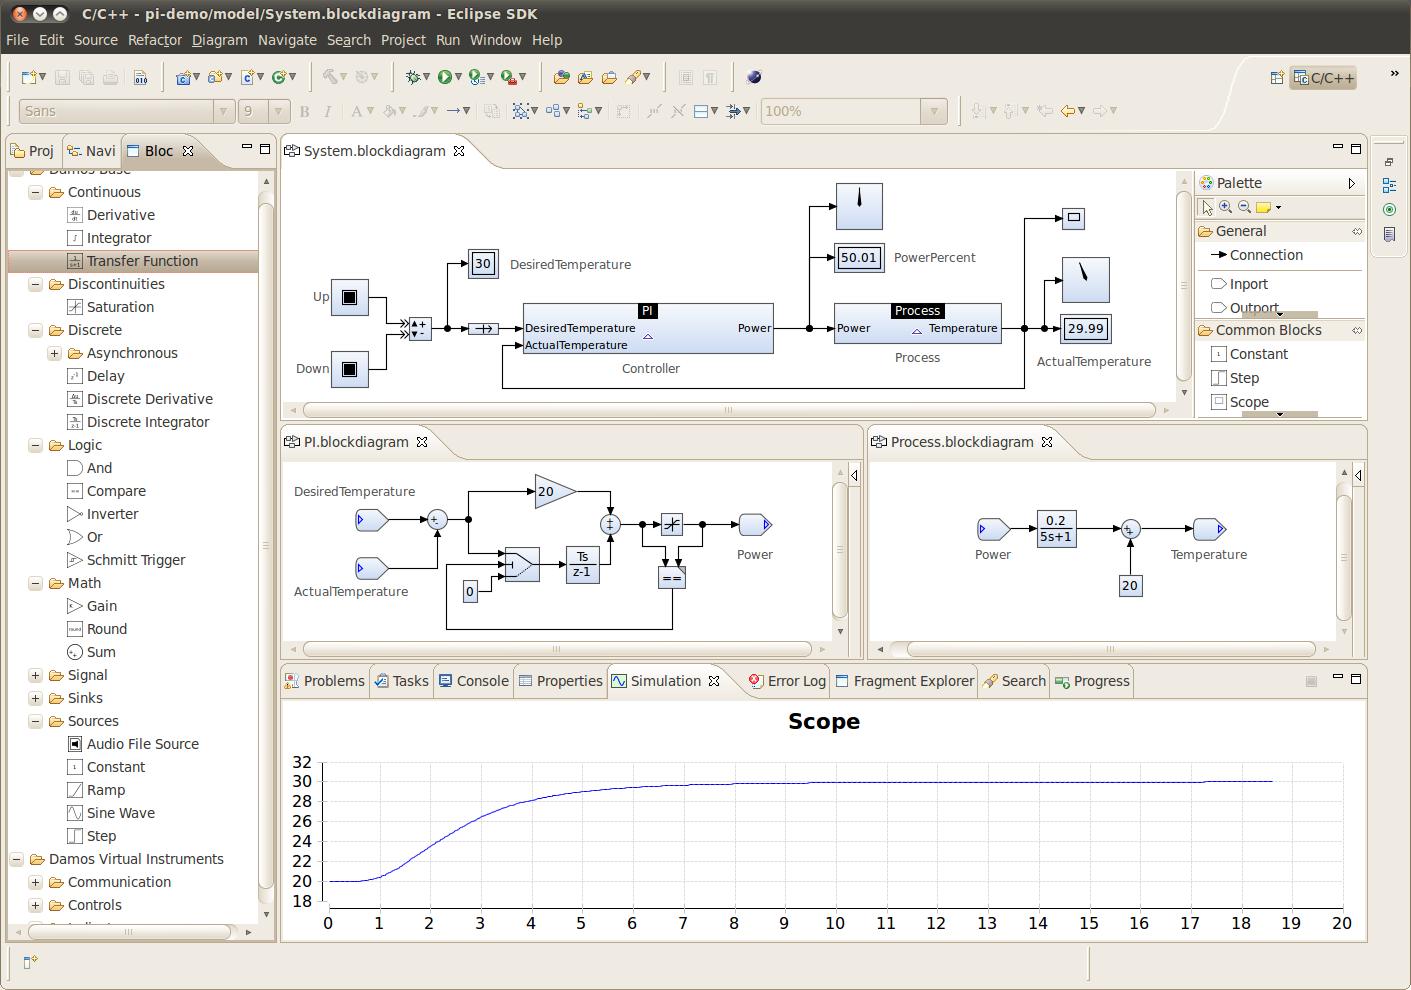 damos, block diagram builder, block diagram builder free, block diagram software